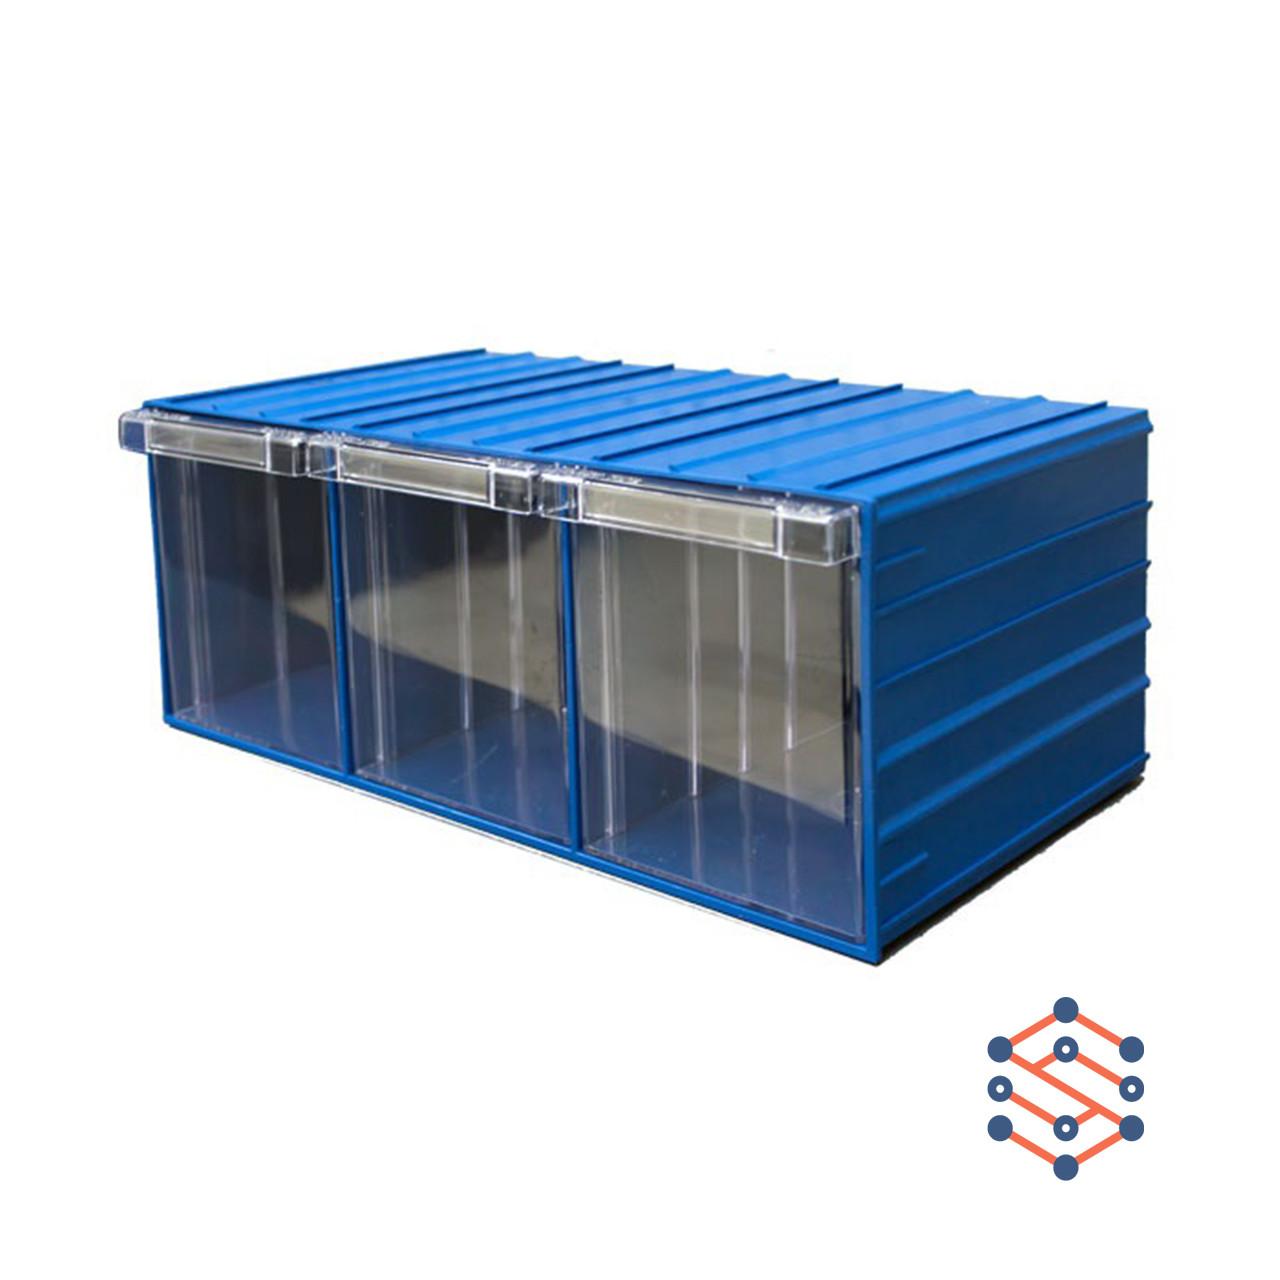 Модульный выдвижной лоток с тремя ящиками 370х204х160 мм